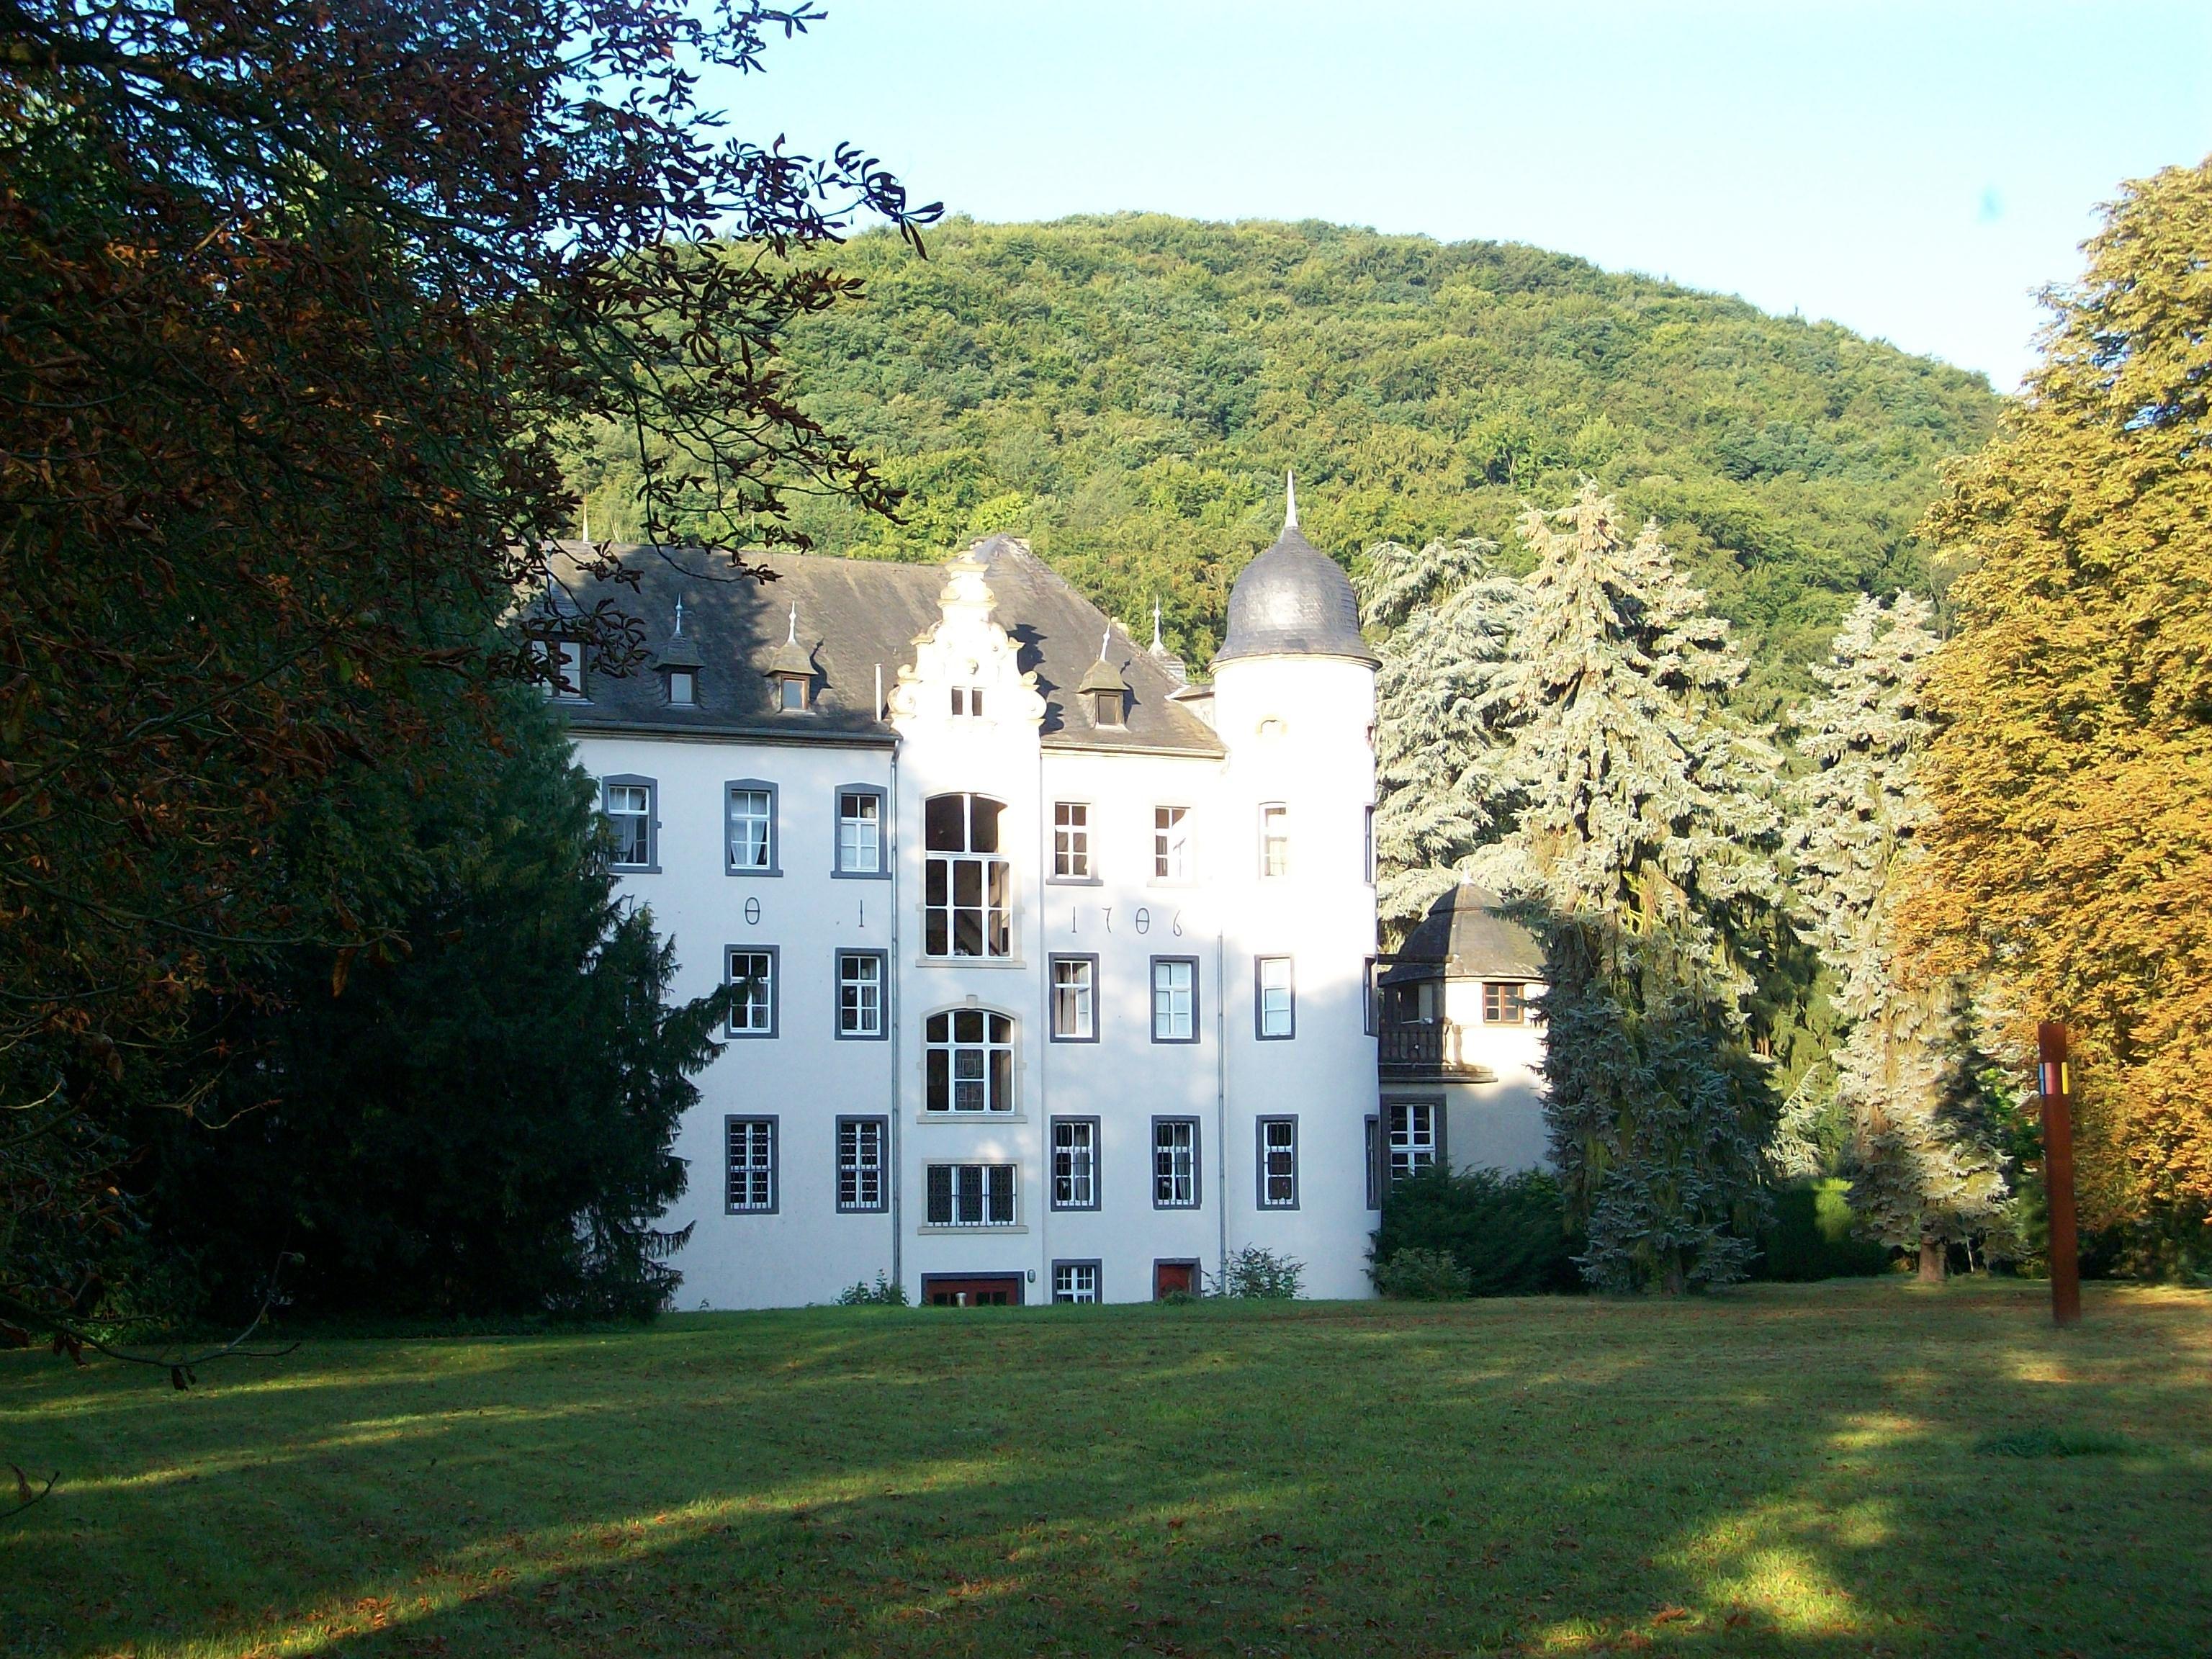 Billedresultat for Burg Namedy